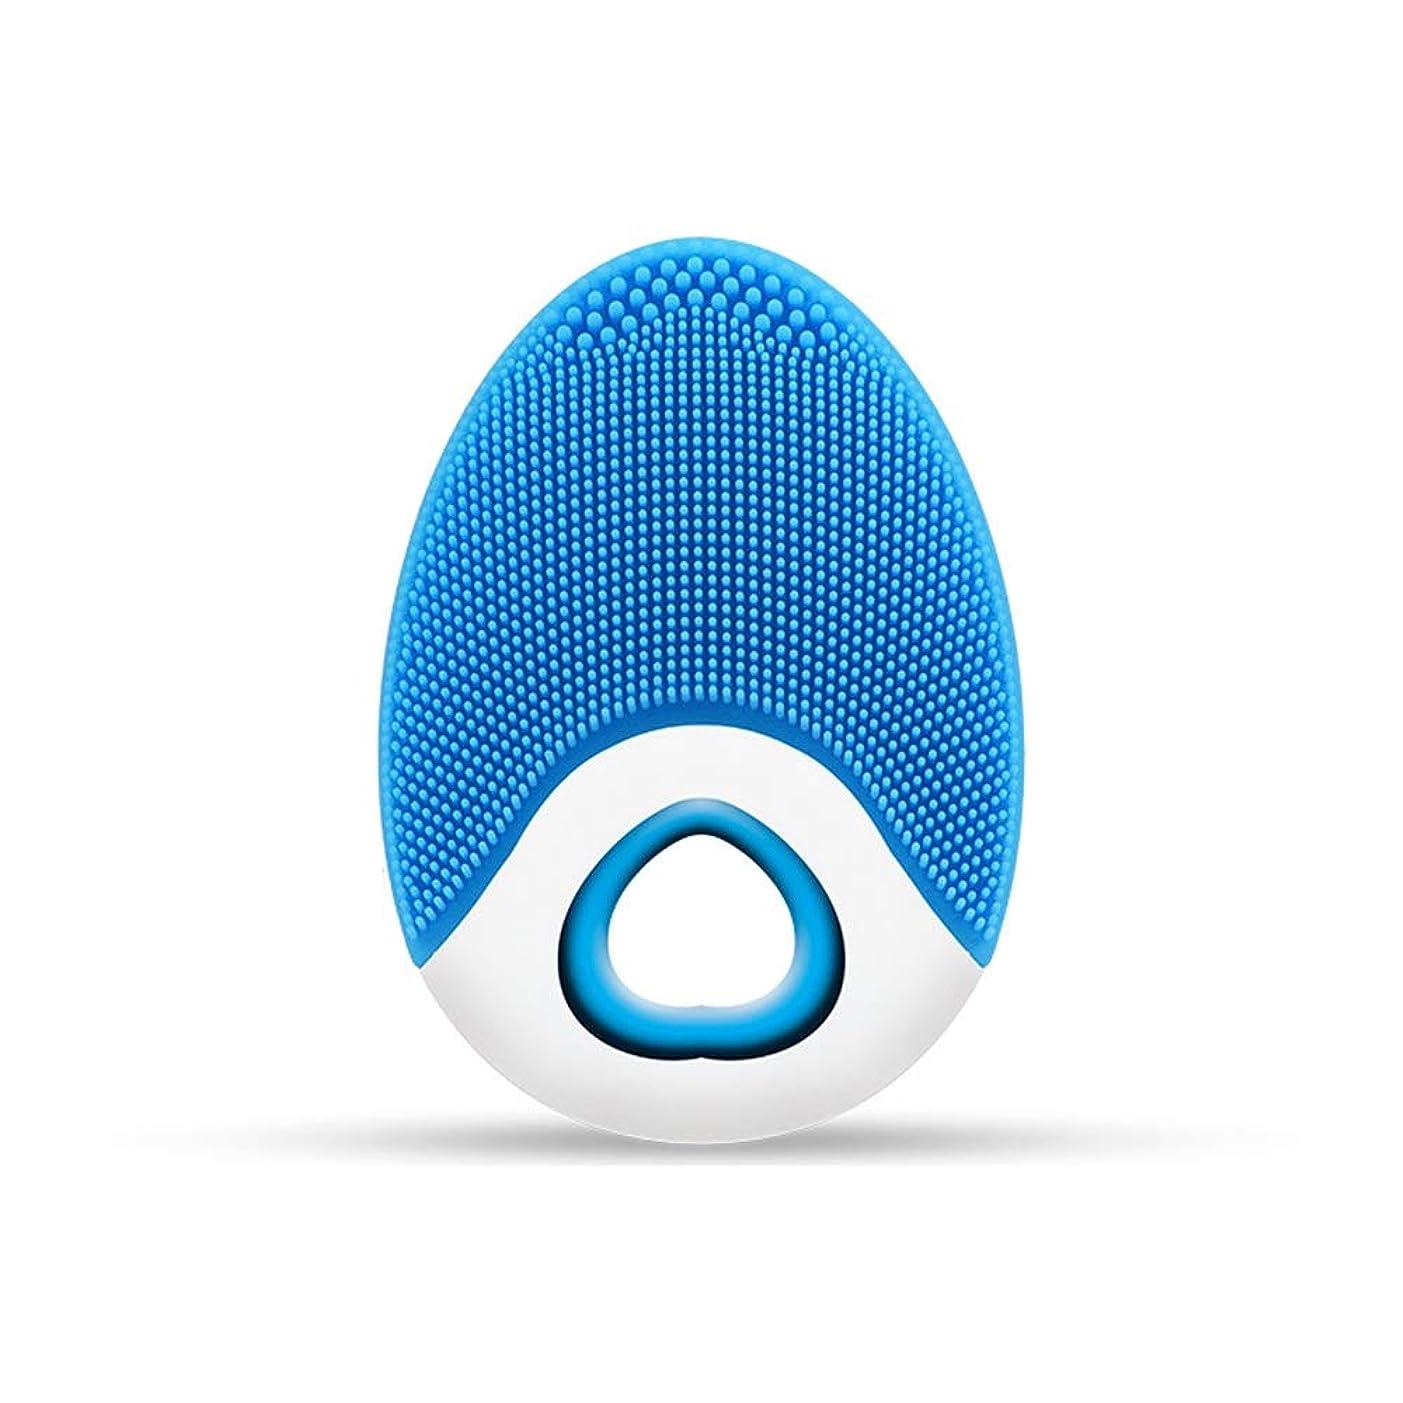 学校教育払い戻しひらめきZXF ワイヤレス充電電気シリコーンクレンジングブラシ高周波振動防水マルチレベル調整クレンジング楽器美容器具 滑らかである (色 : Blue)